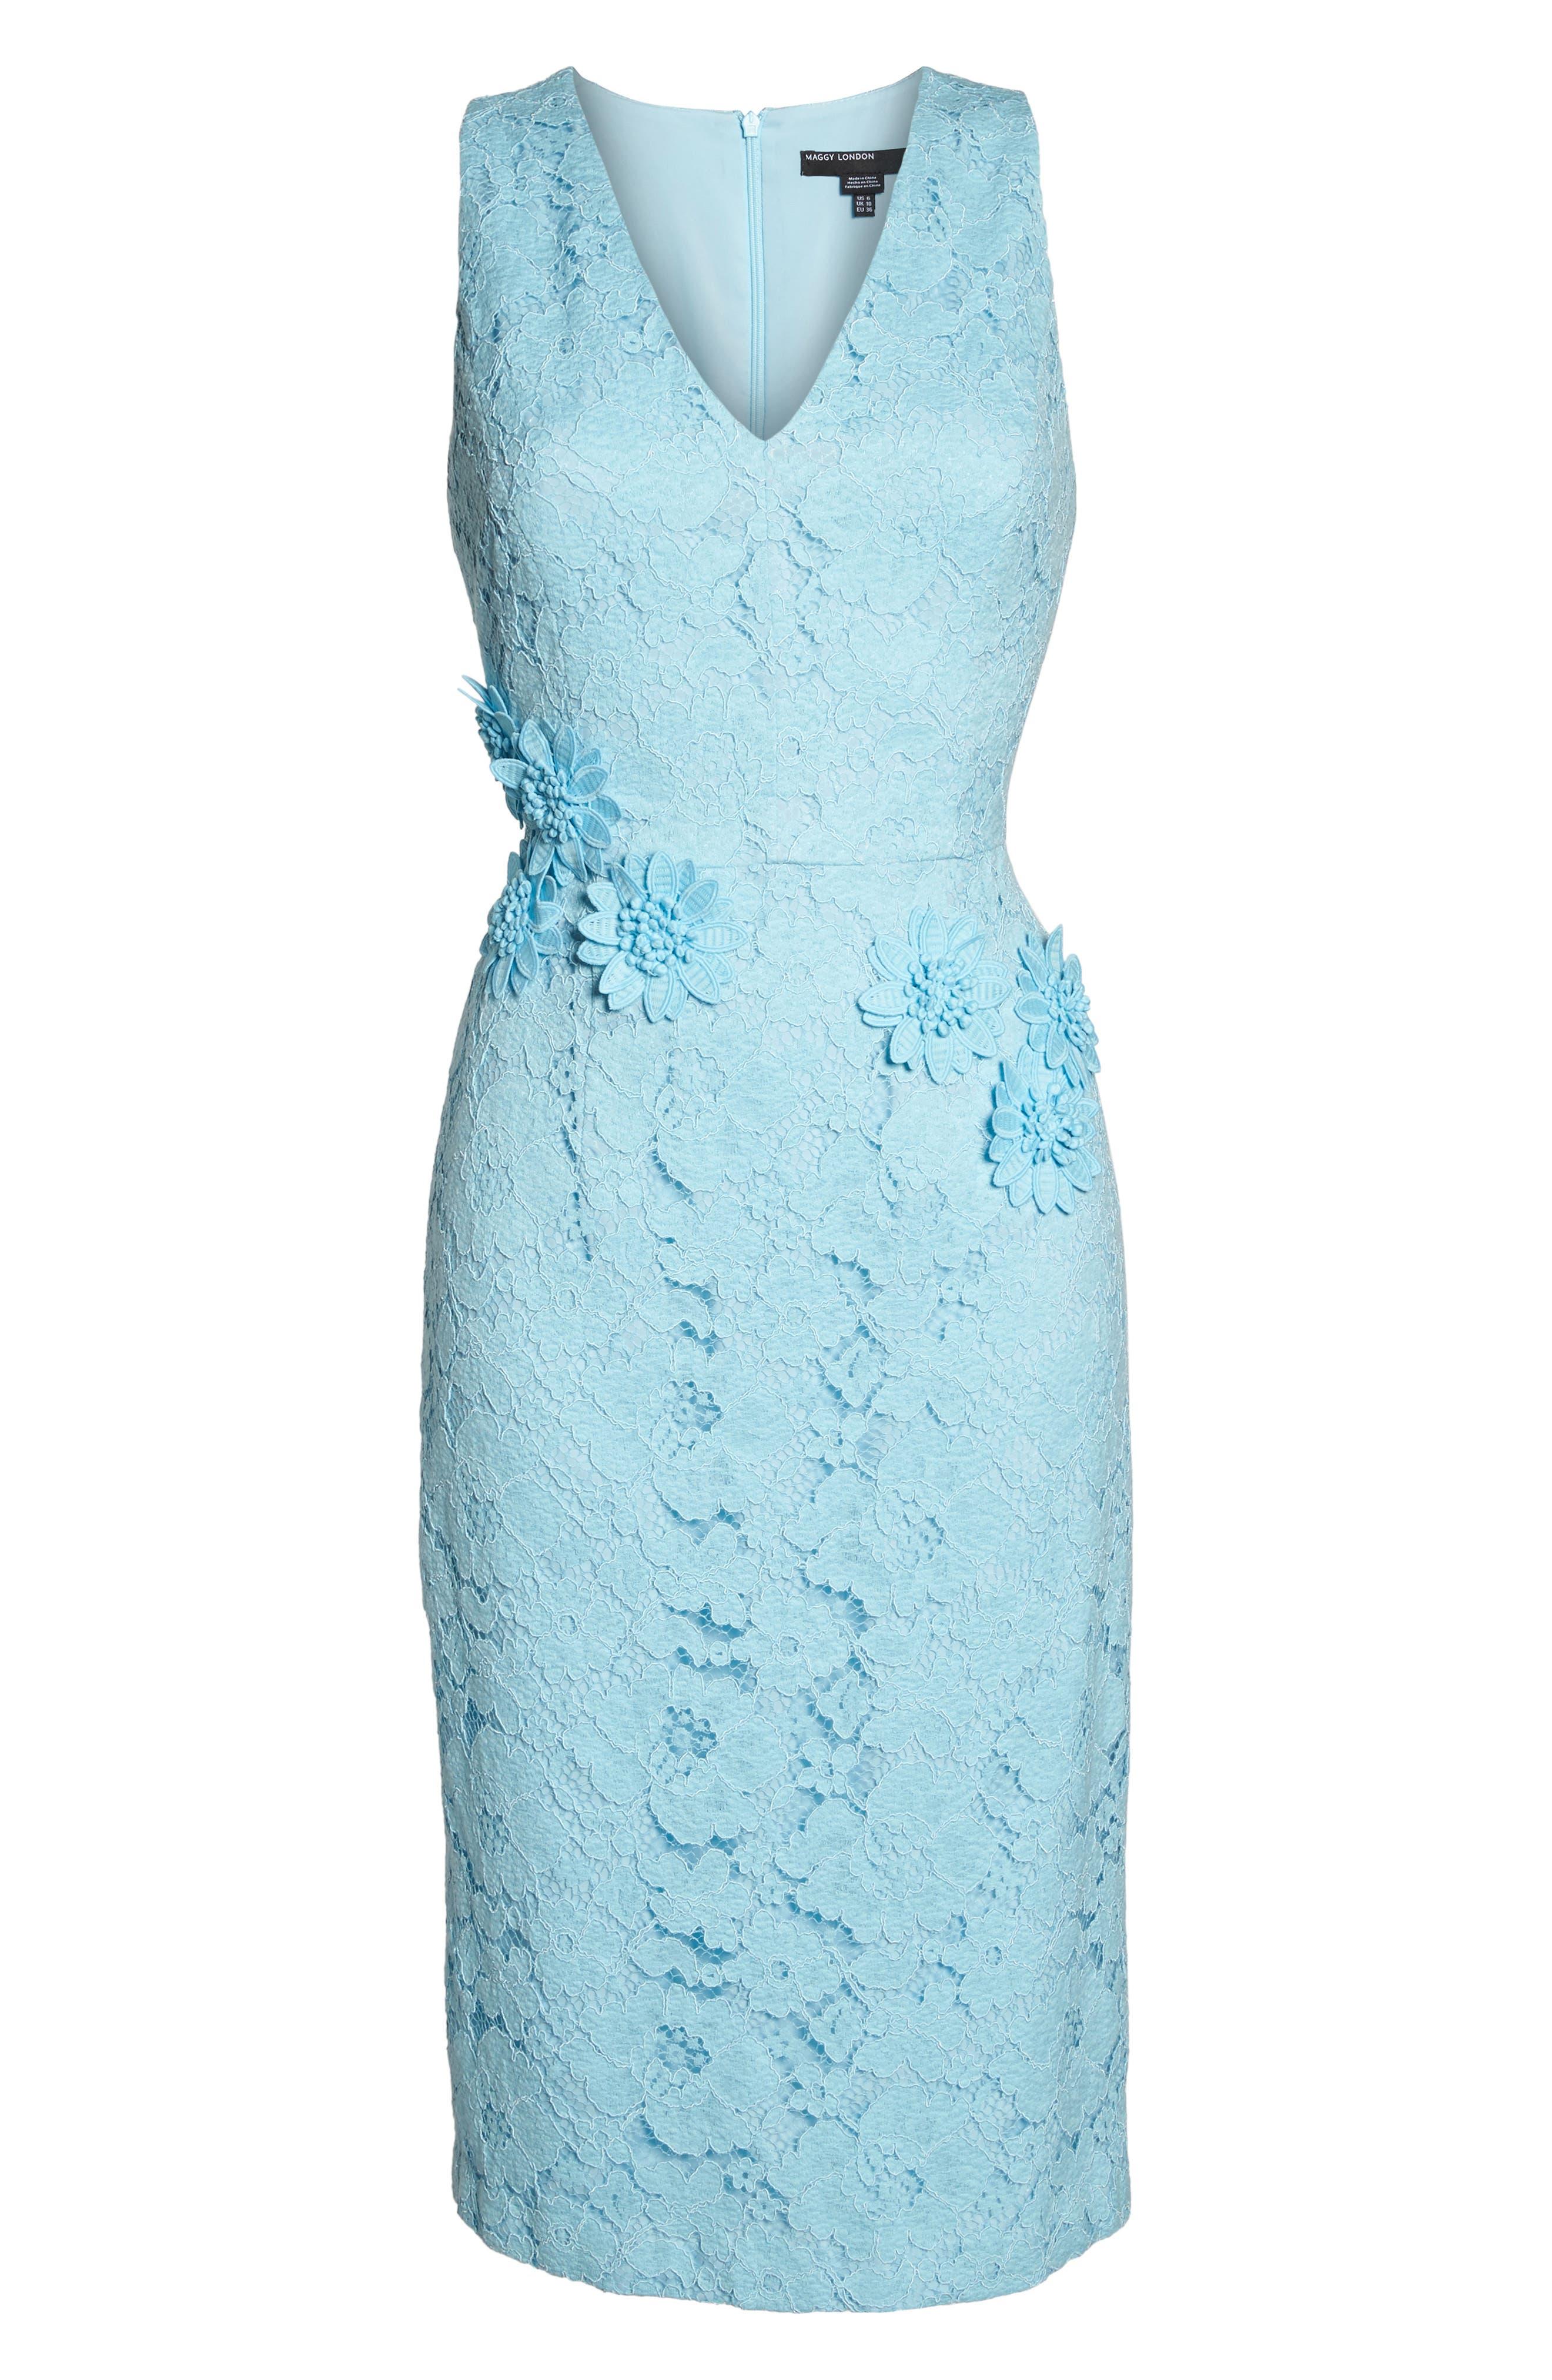 Appliqué Lace Sheath Dress,                             Alternate thumbnail 6, color,                             460